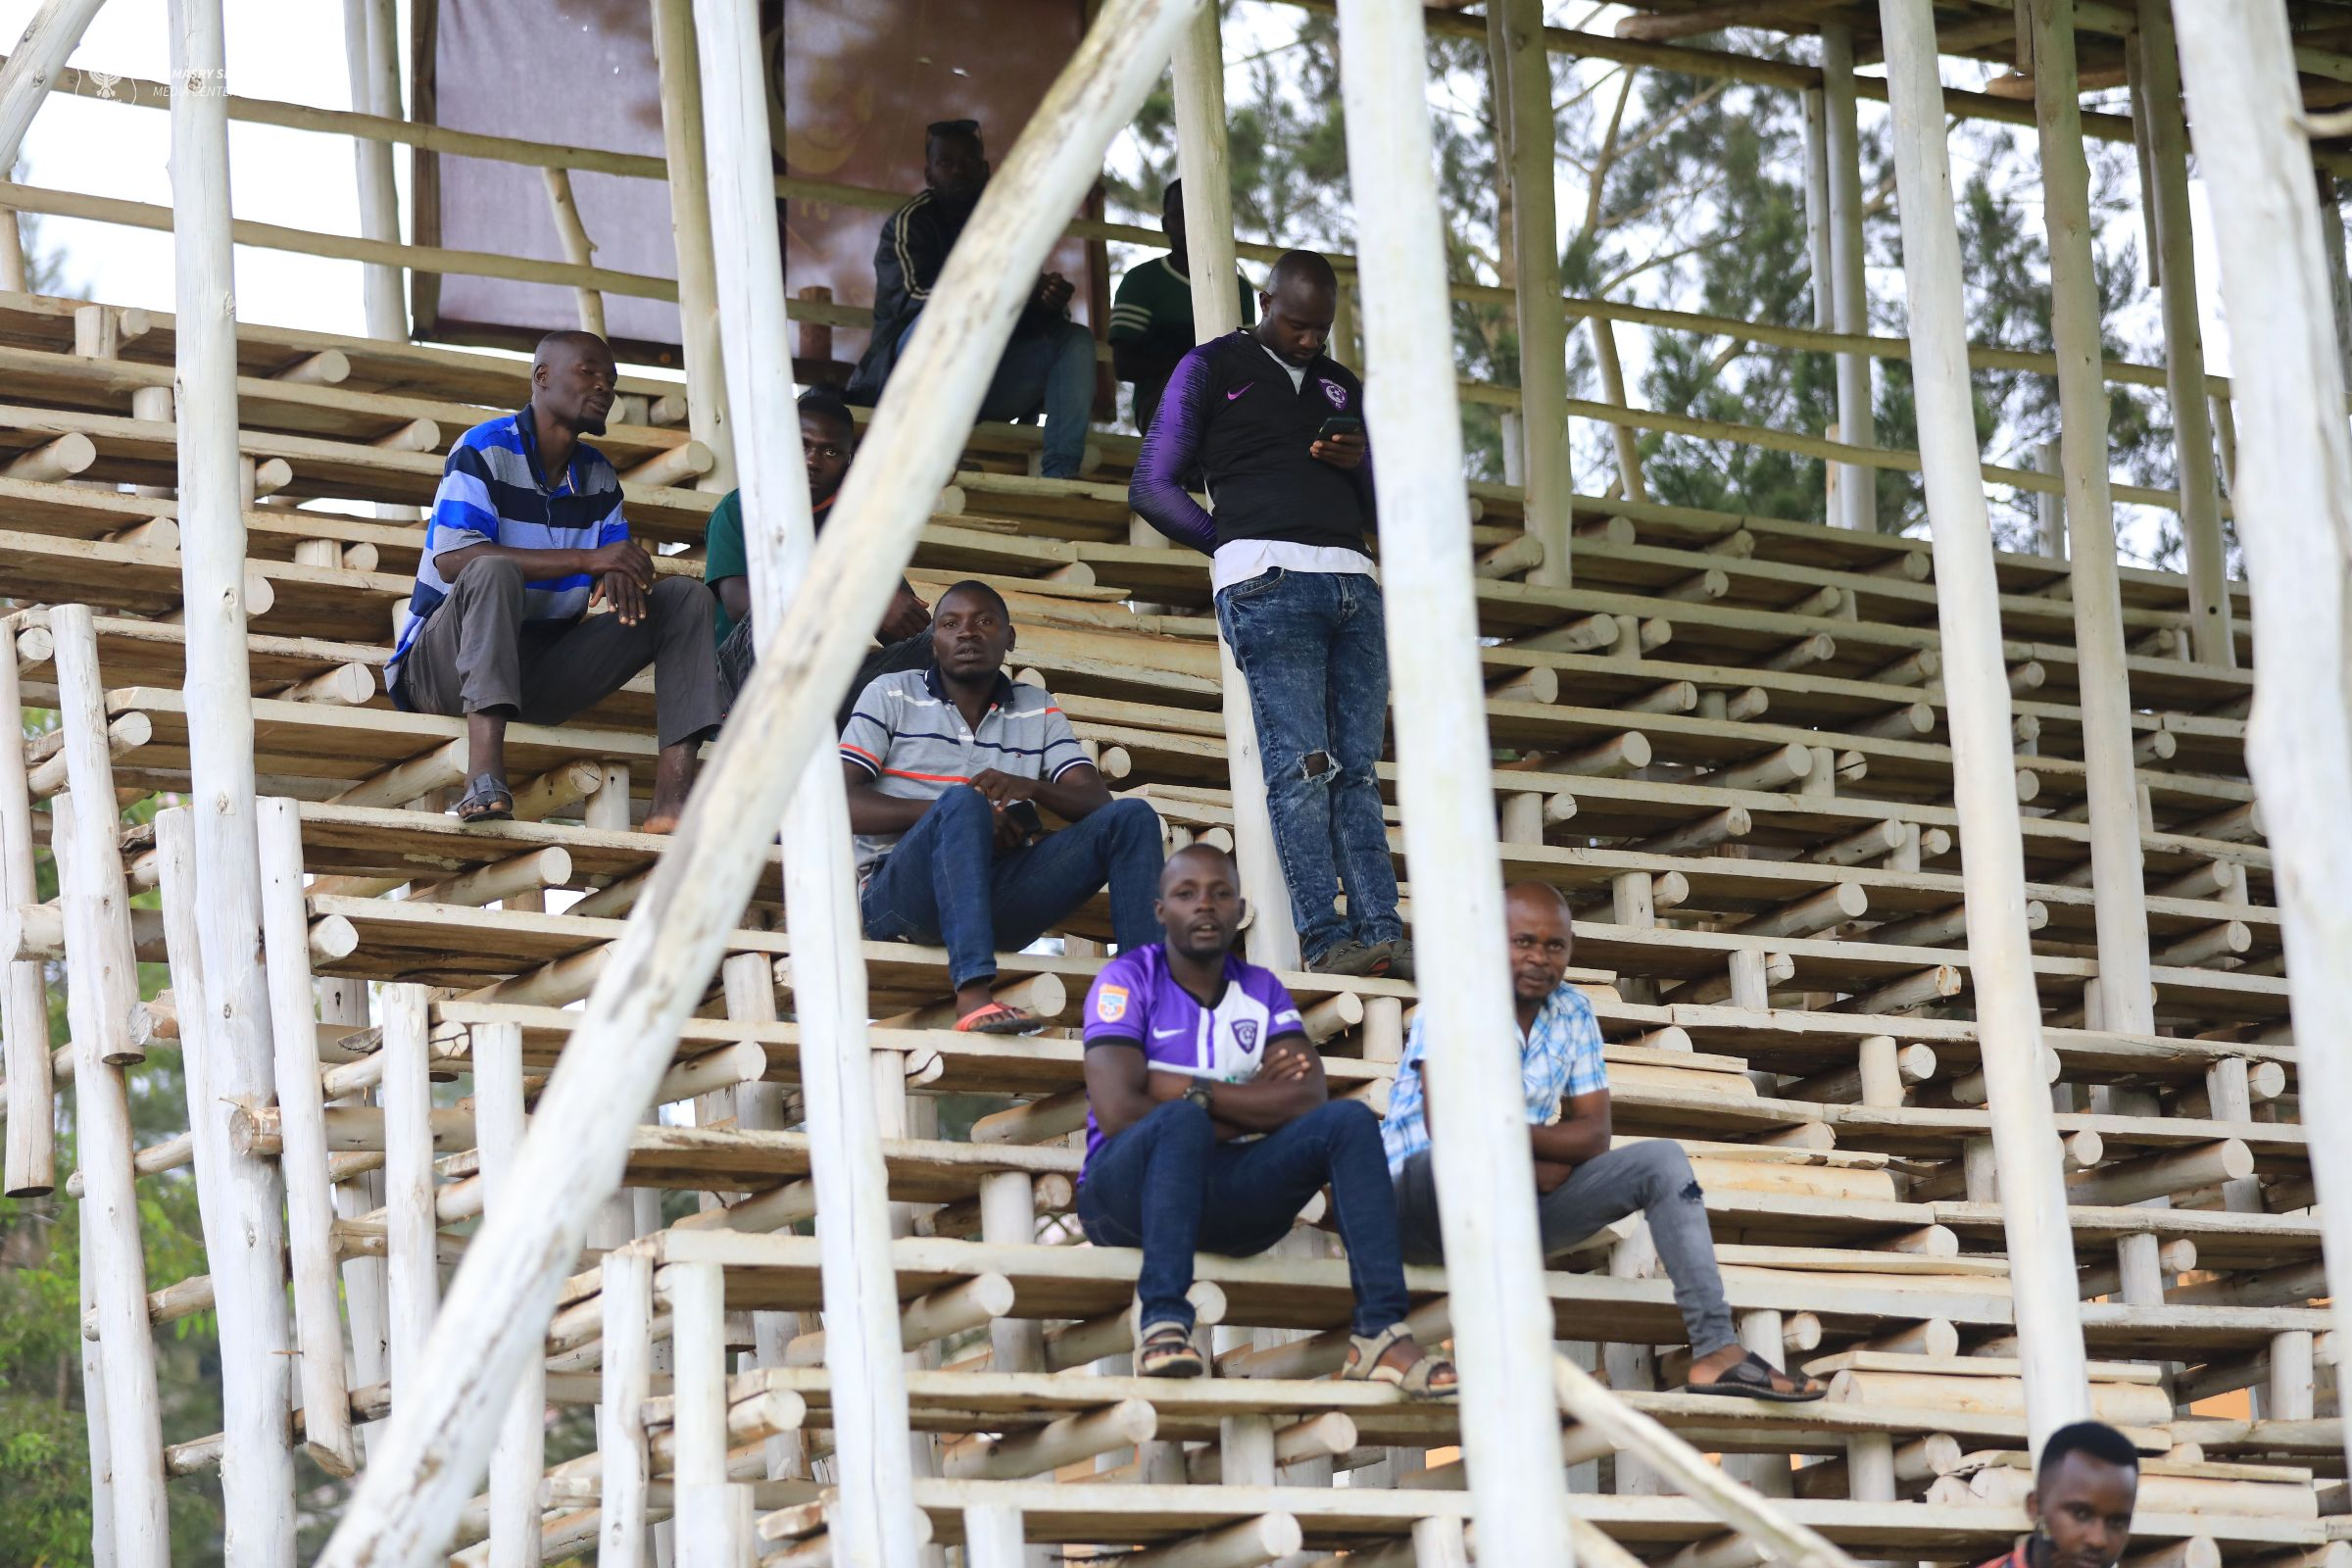 الجماهير الأوغندية تتابع مران المصري في كامبالا (3)